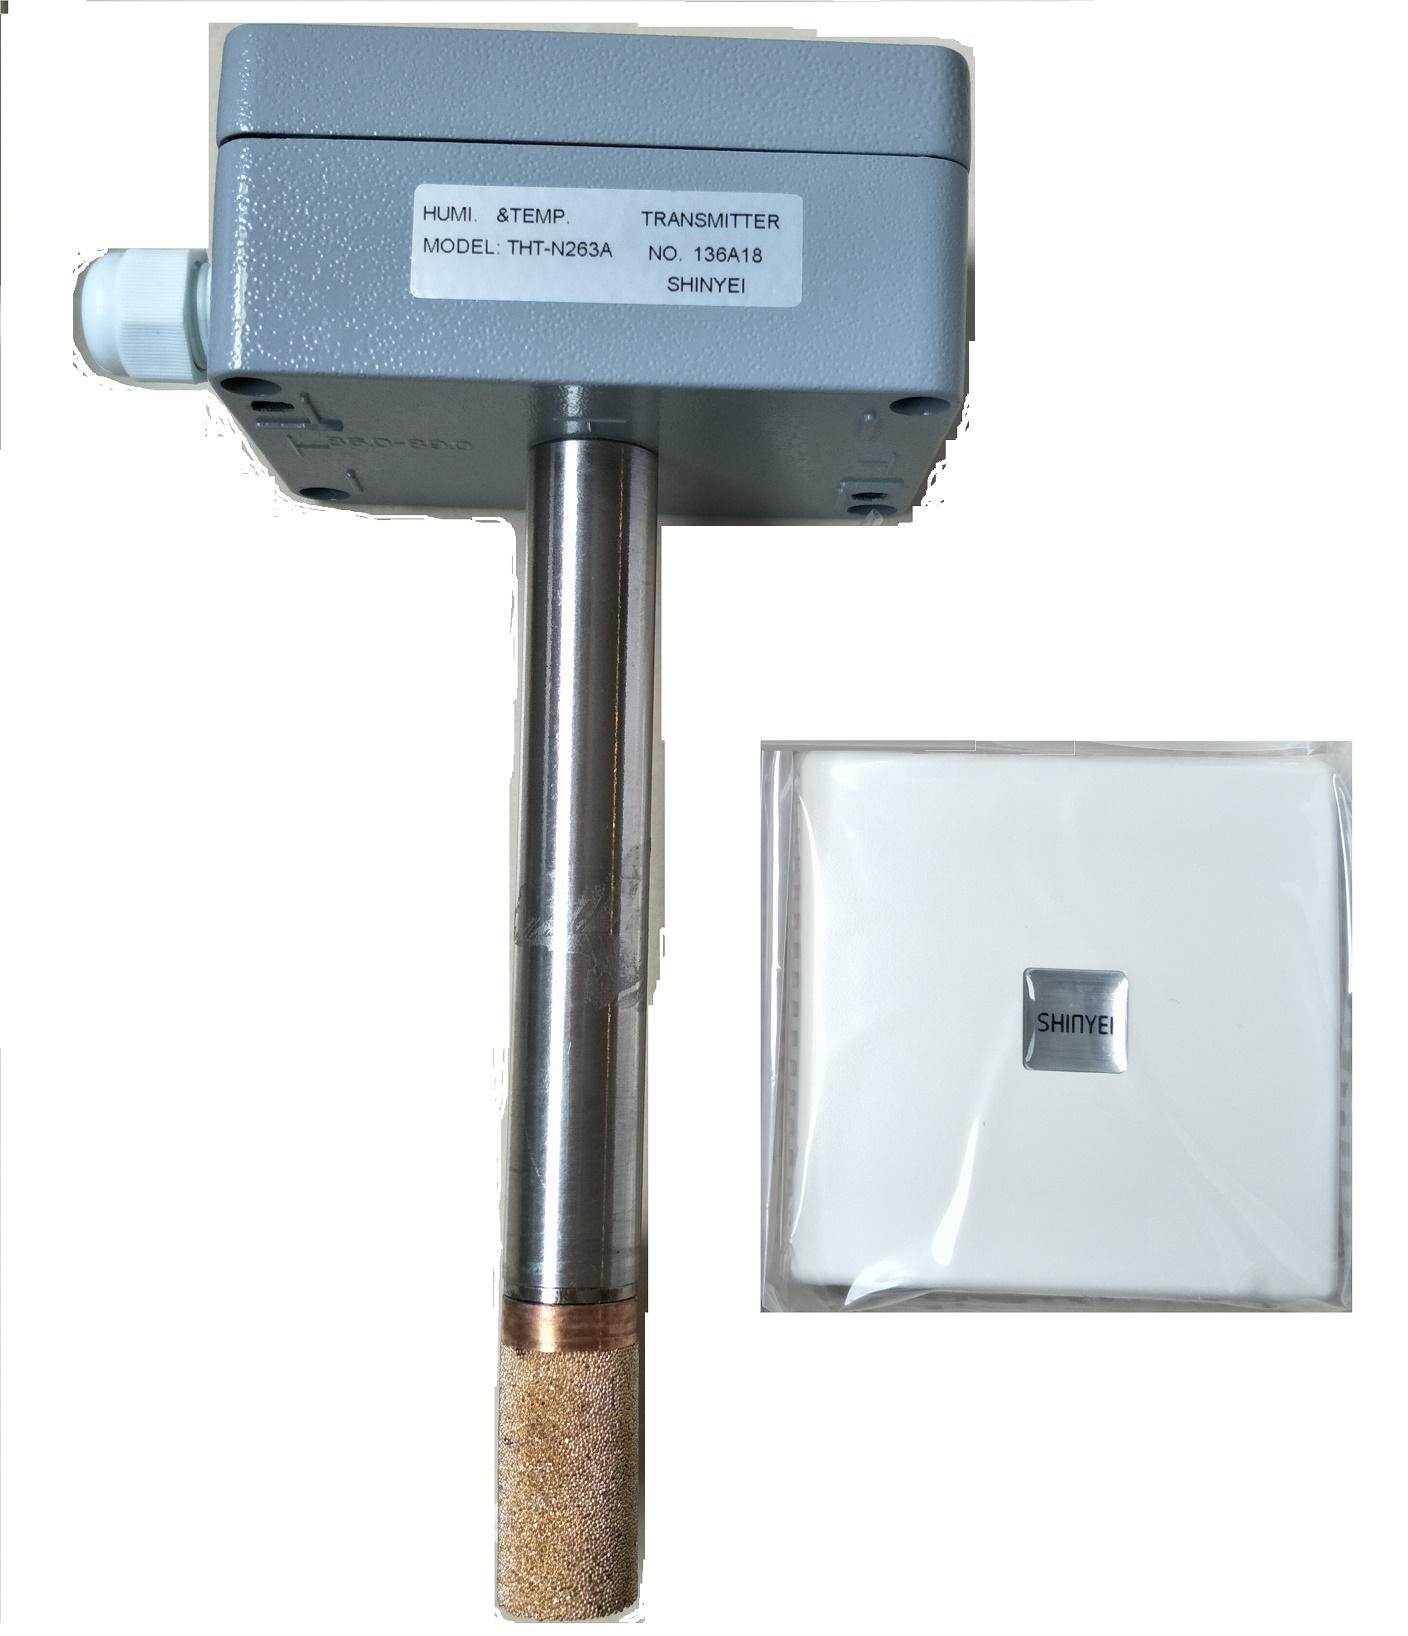 房間溫濕度傳感器變送器 THT-N163A